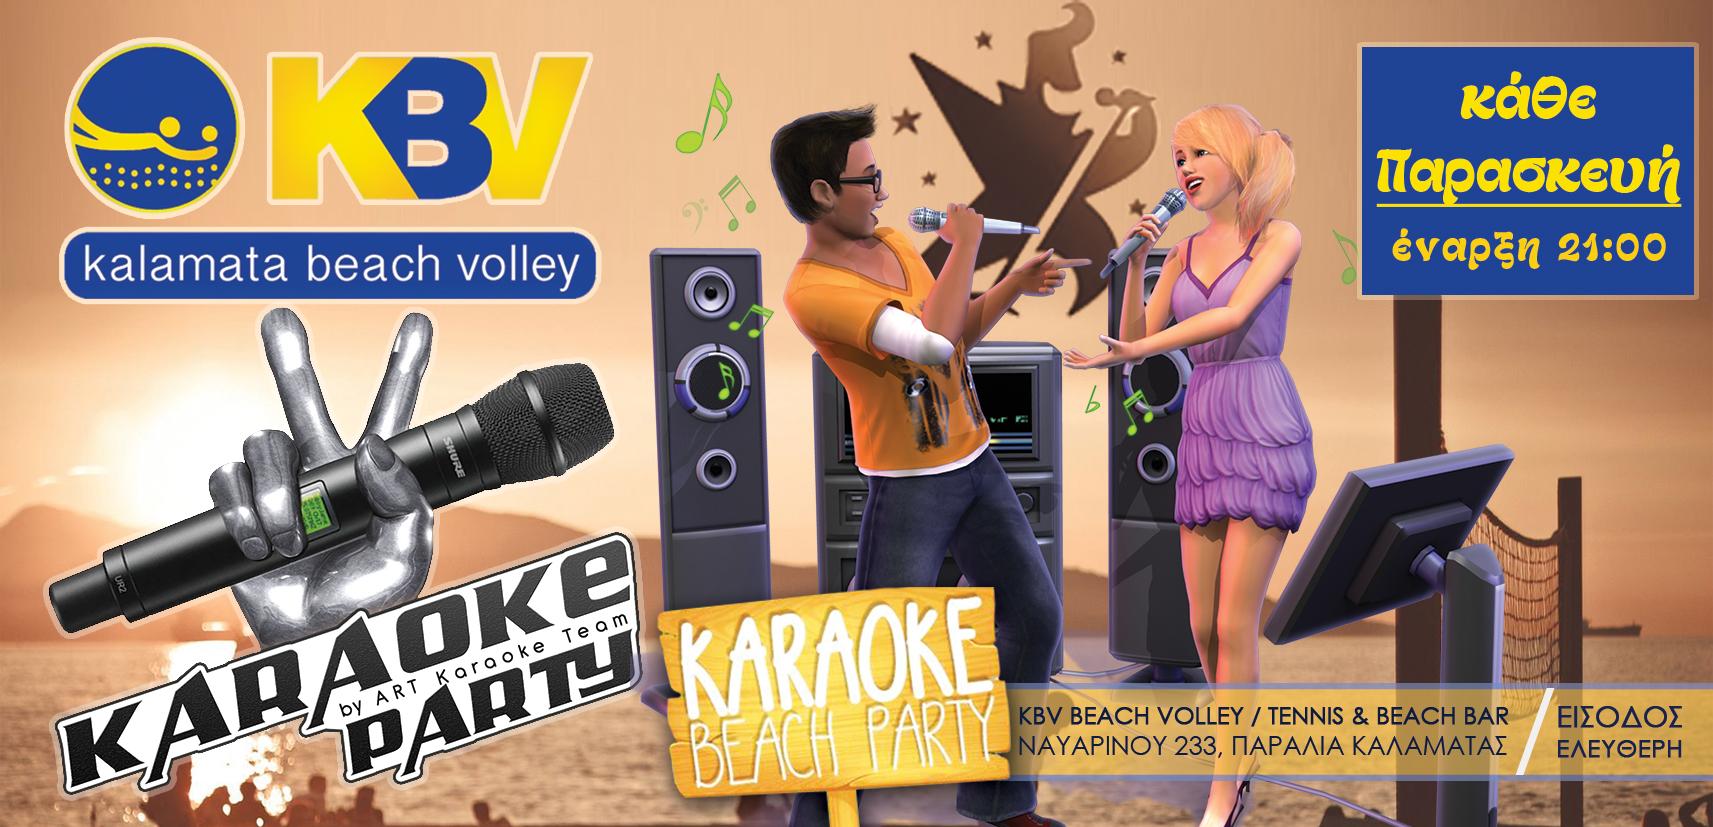 Karaoke-KBV